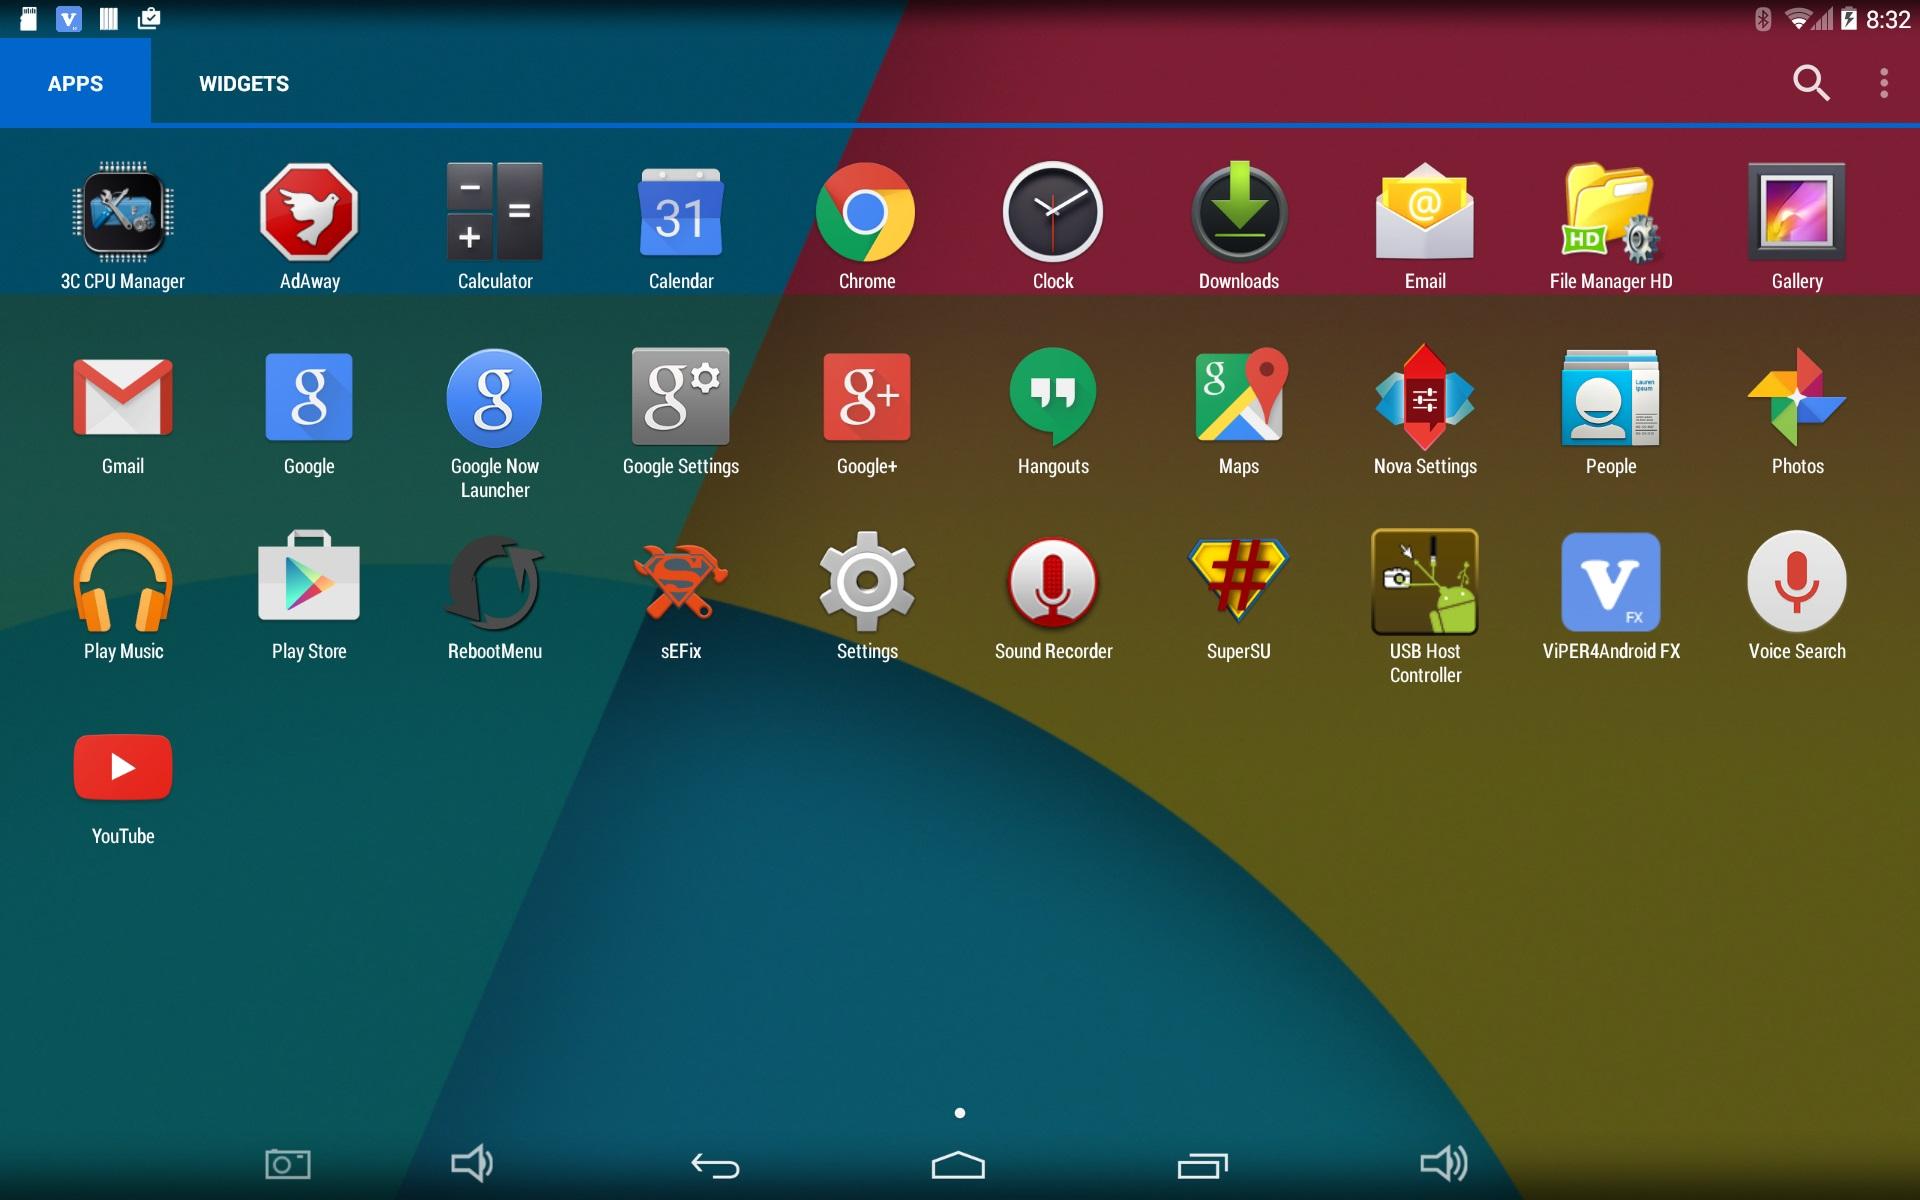 v1.0_apps-3.jpg